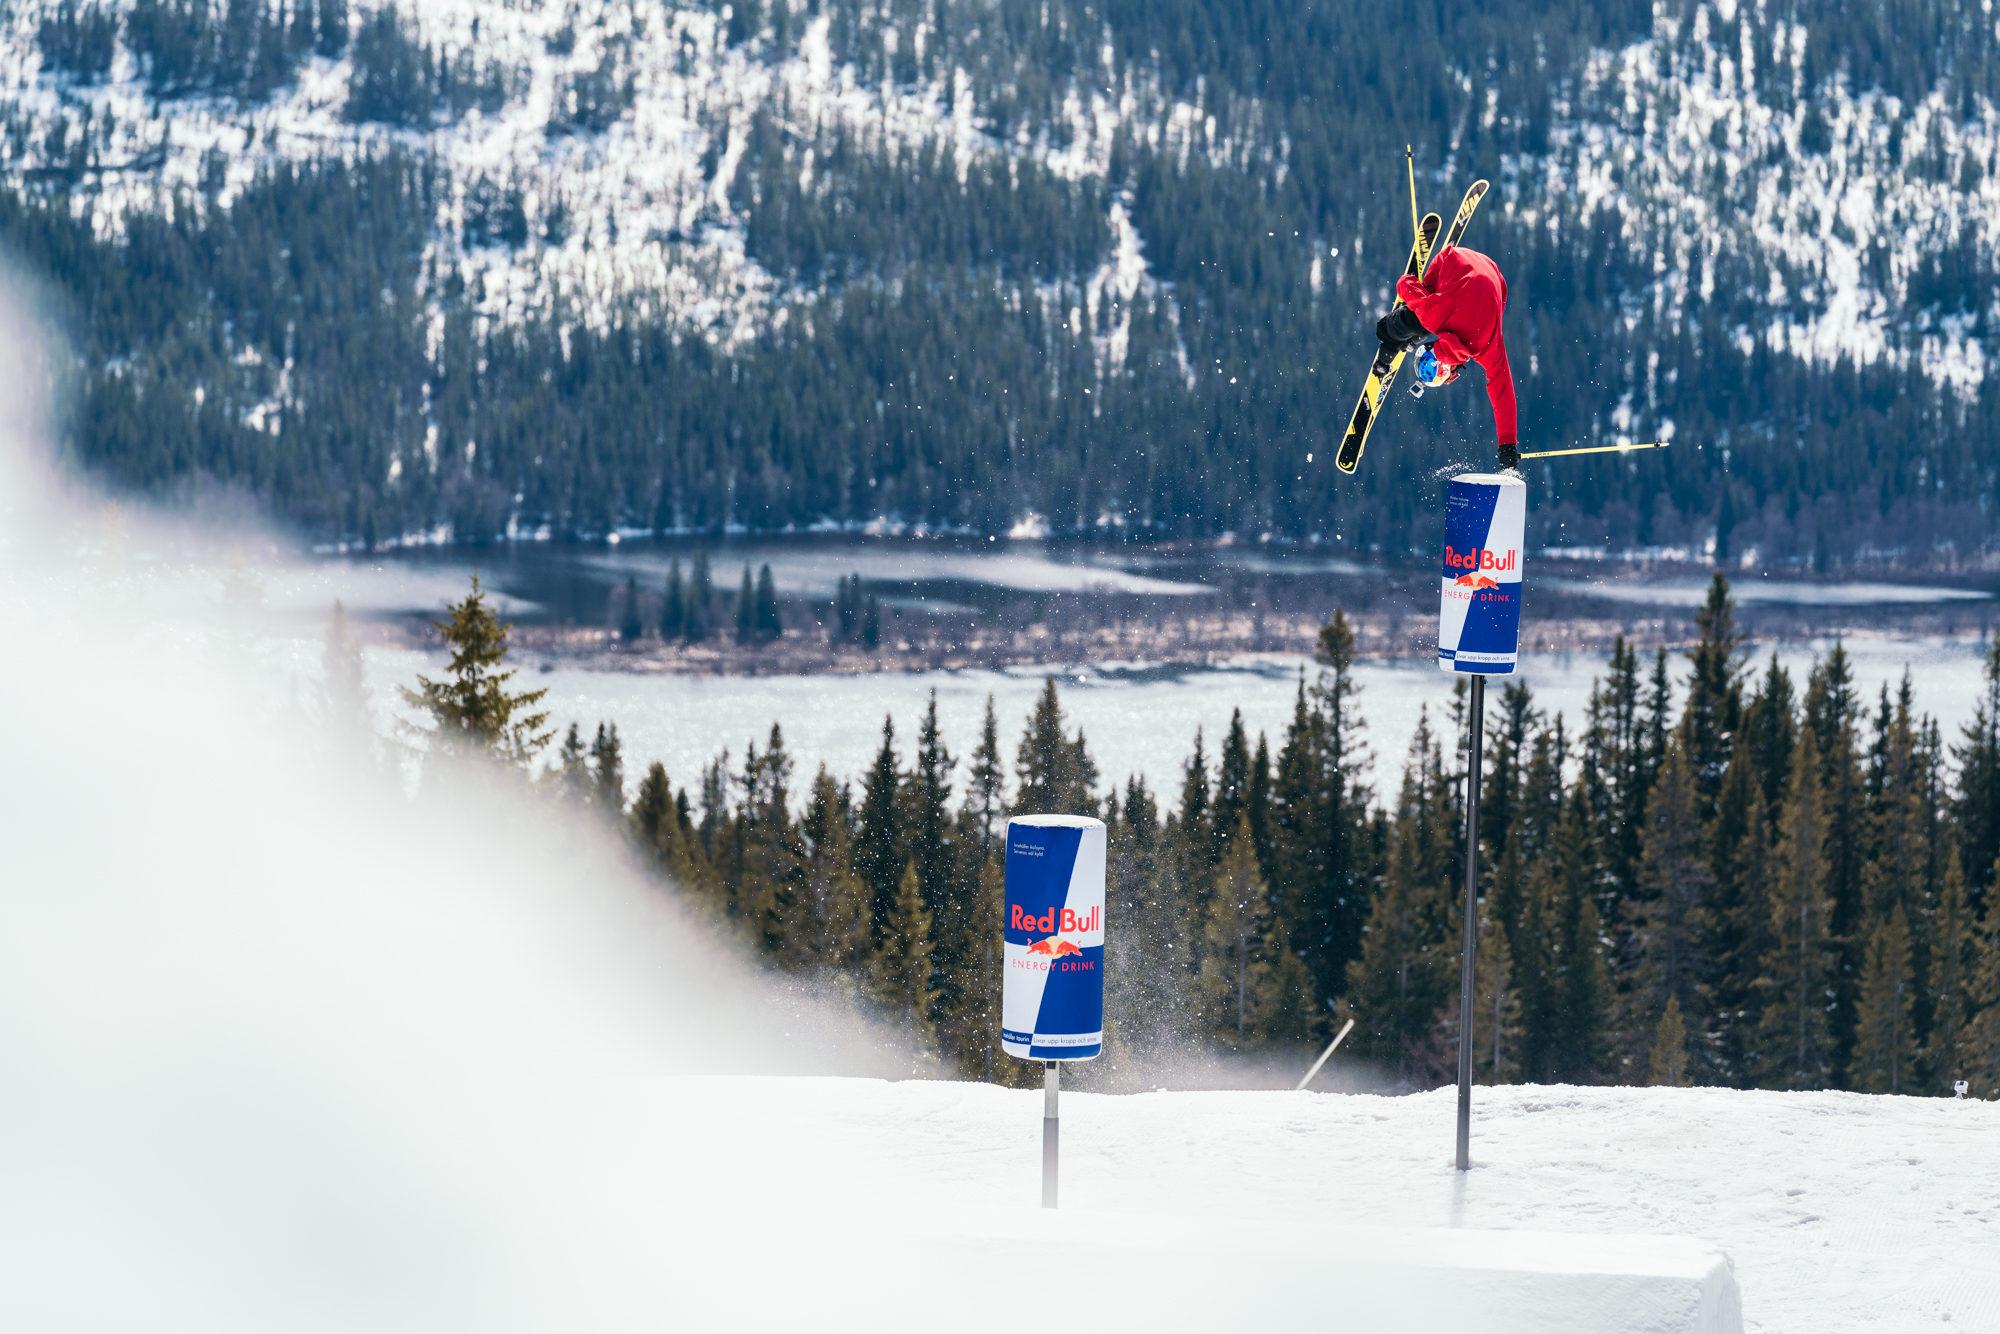 Emrik Jansson/Red Bull Content Pool